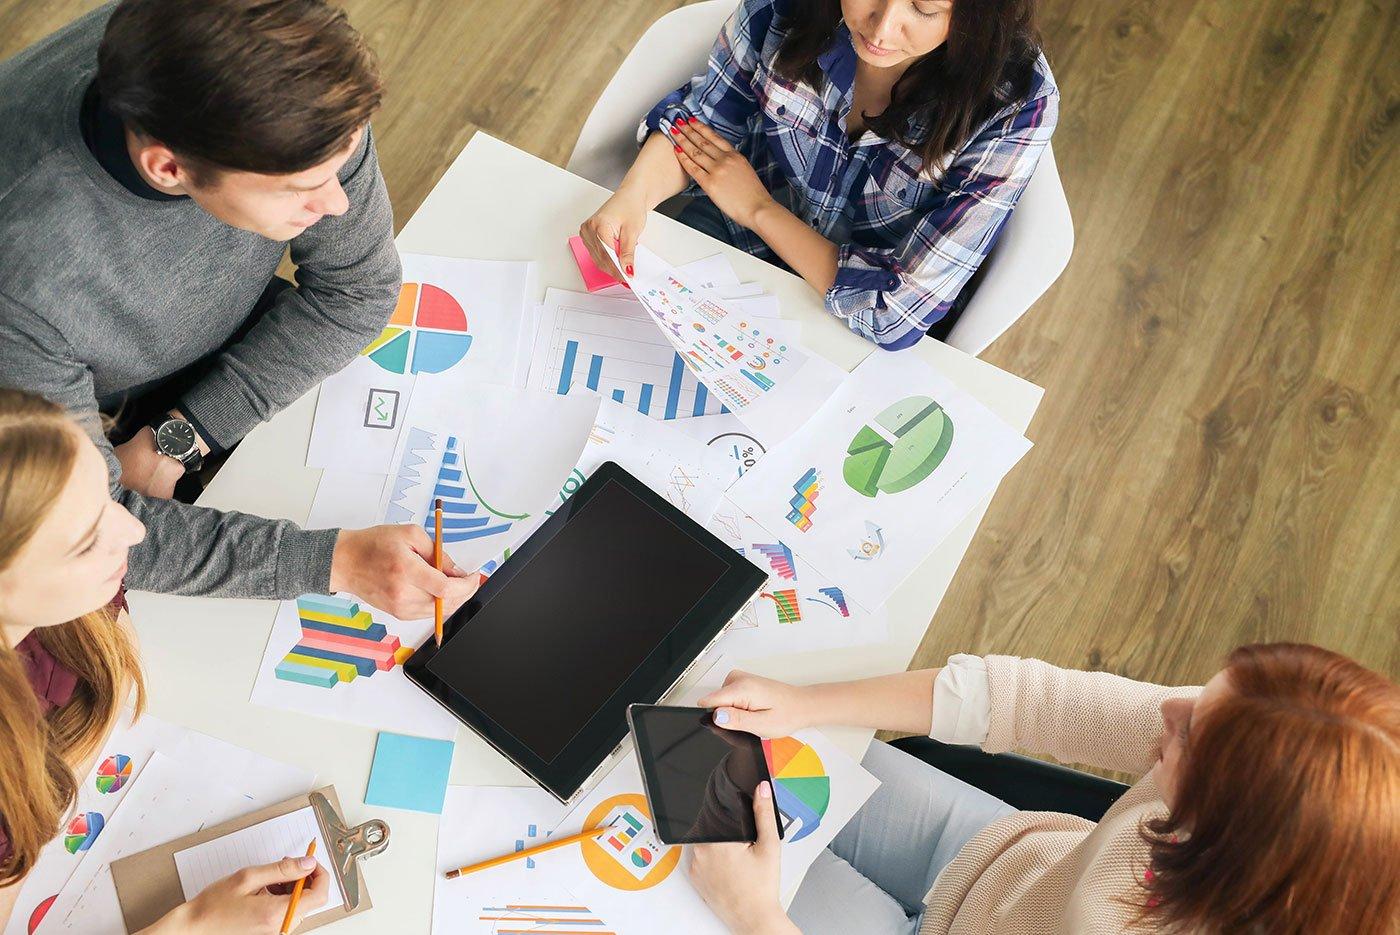 salesdata gedreven coaching commercieel leiderschap salescyclegroup